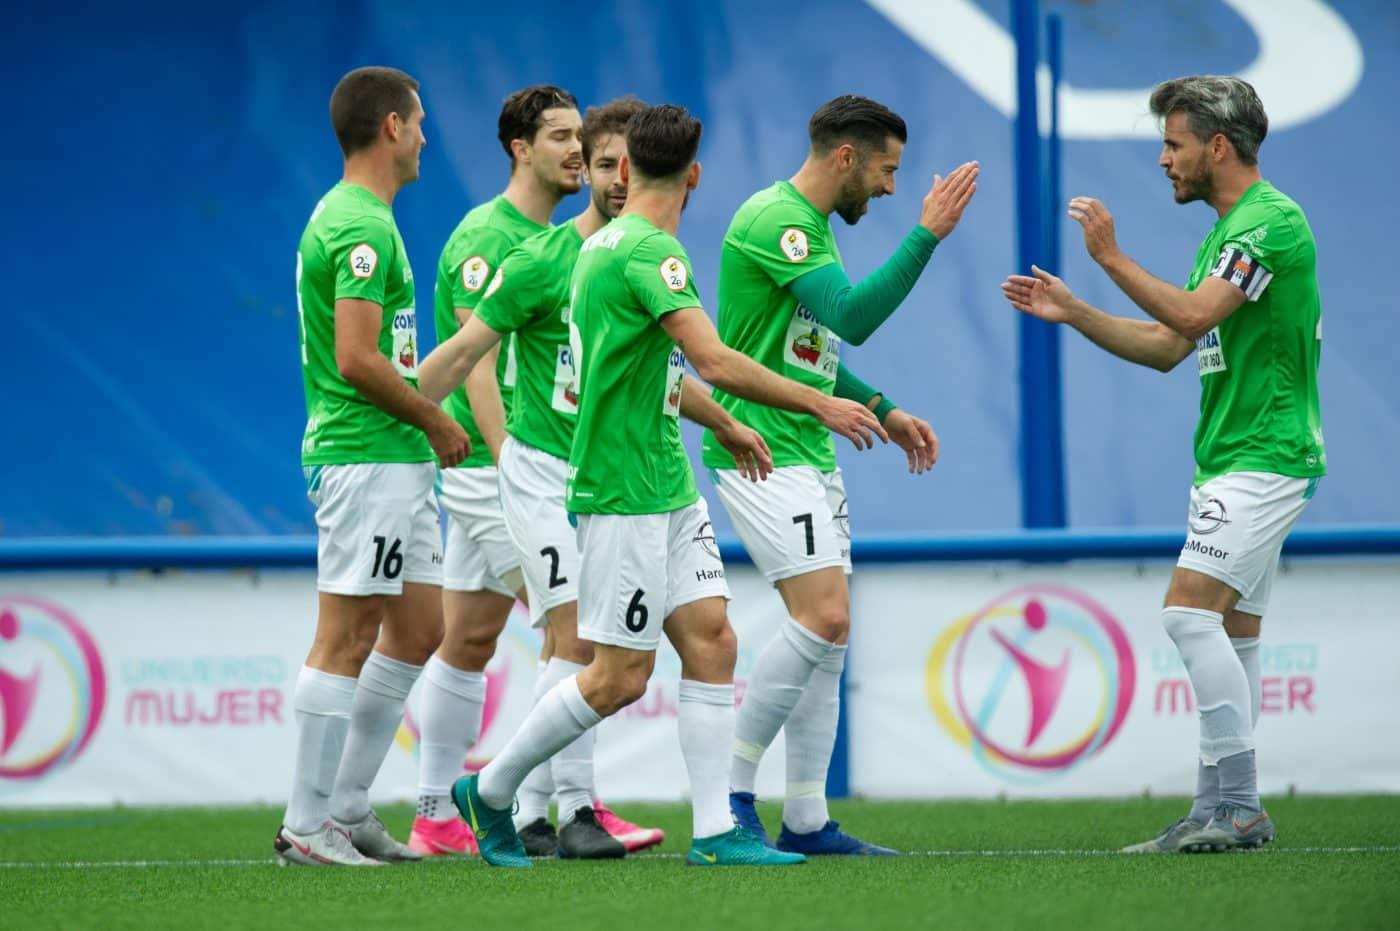 El Haro se despide de Segunda B con un empate ante el Alavés B 1